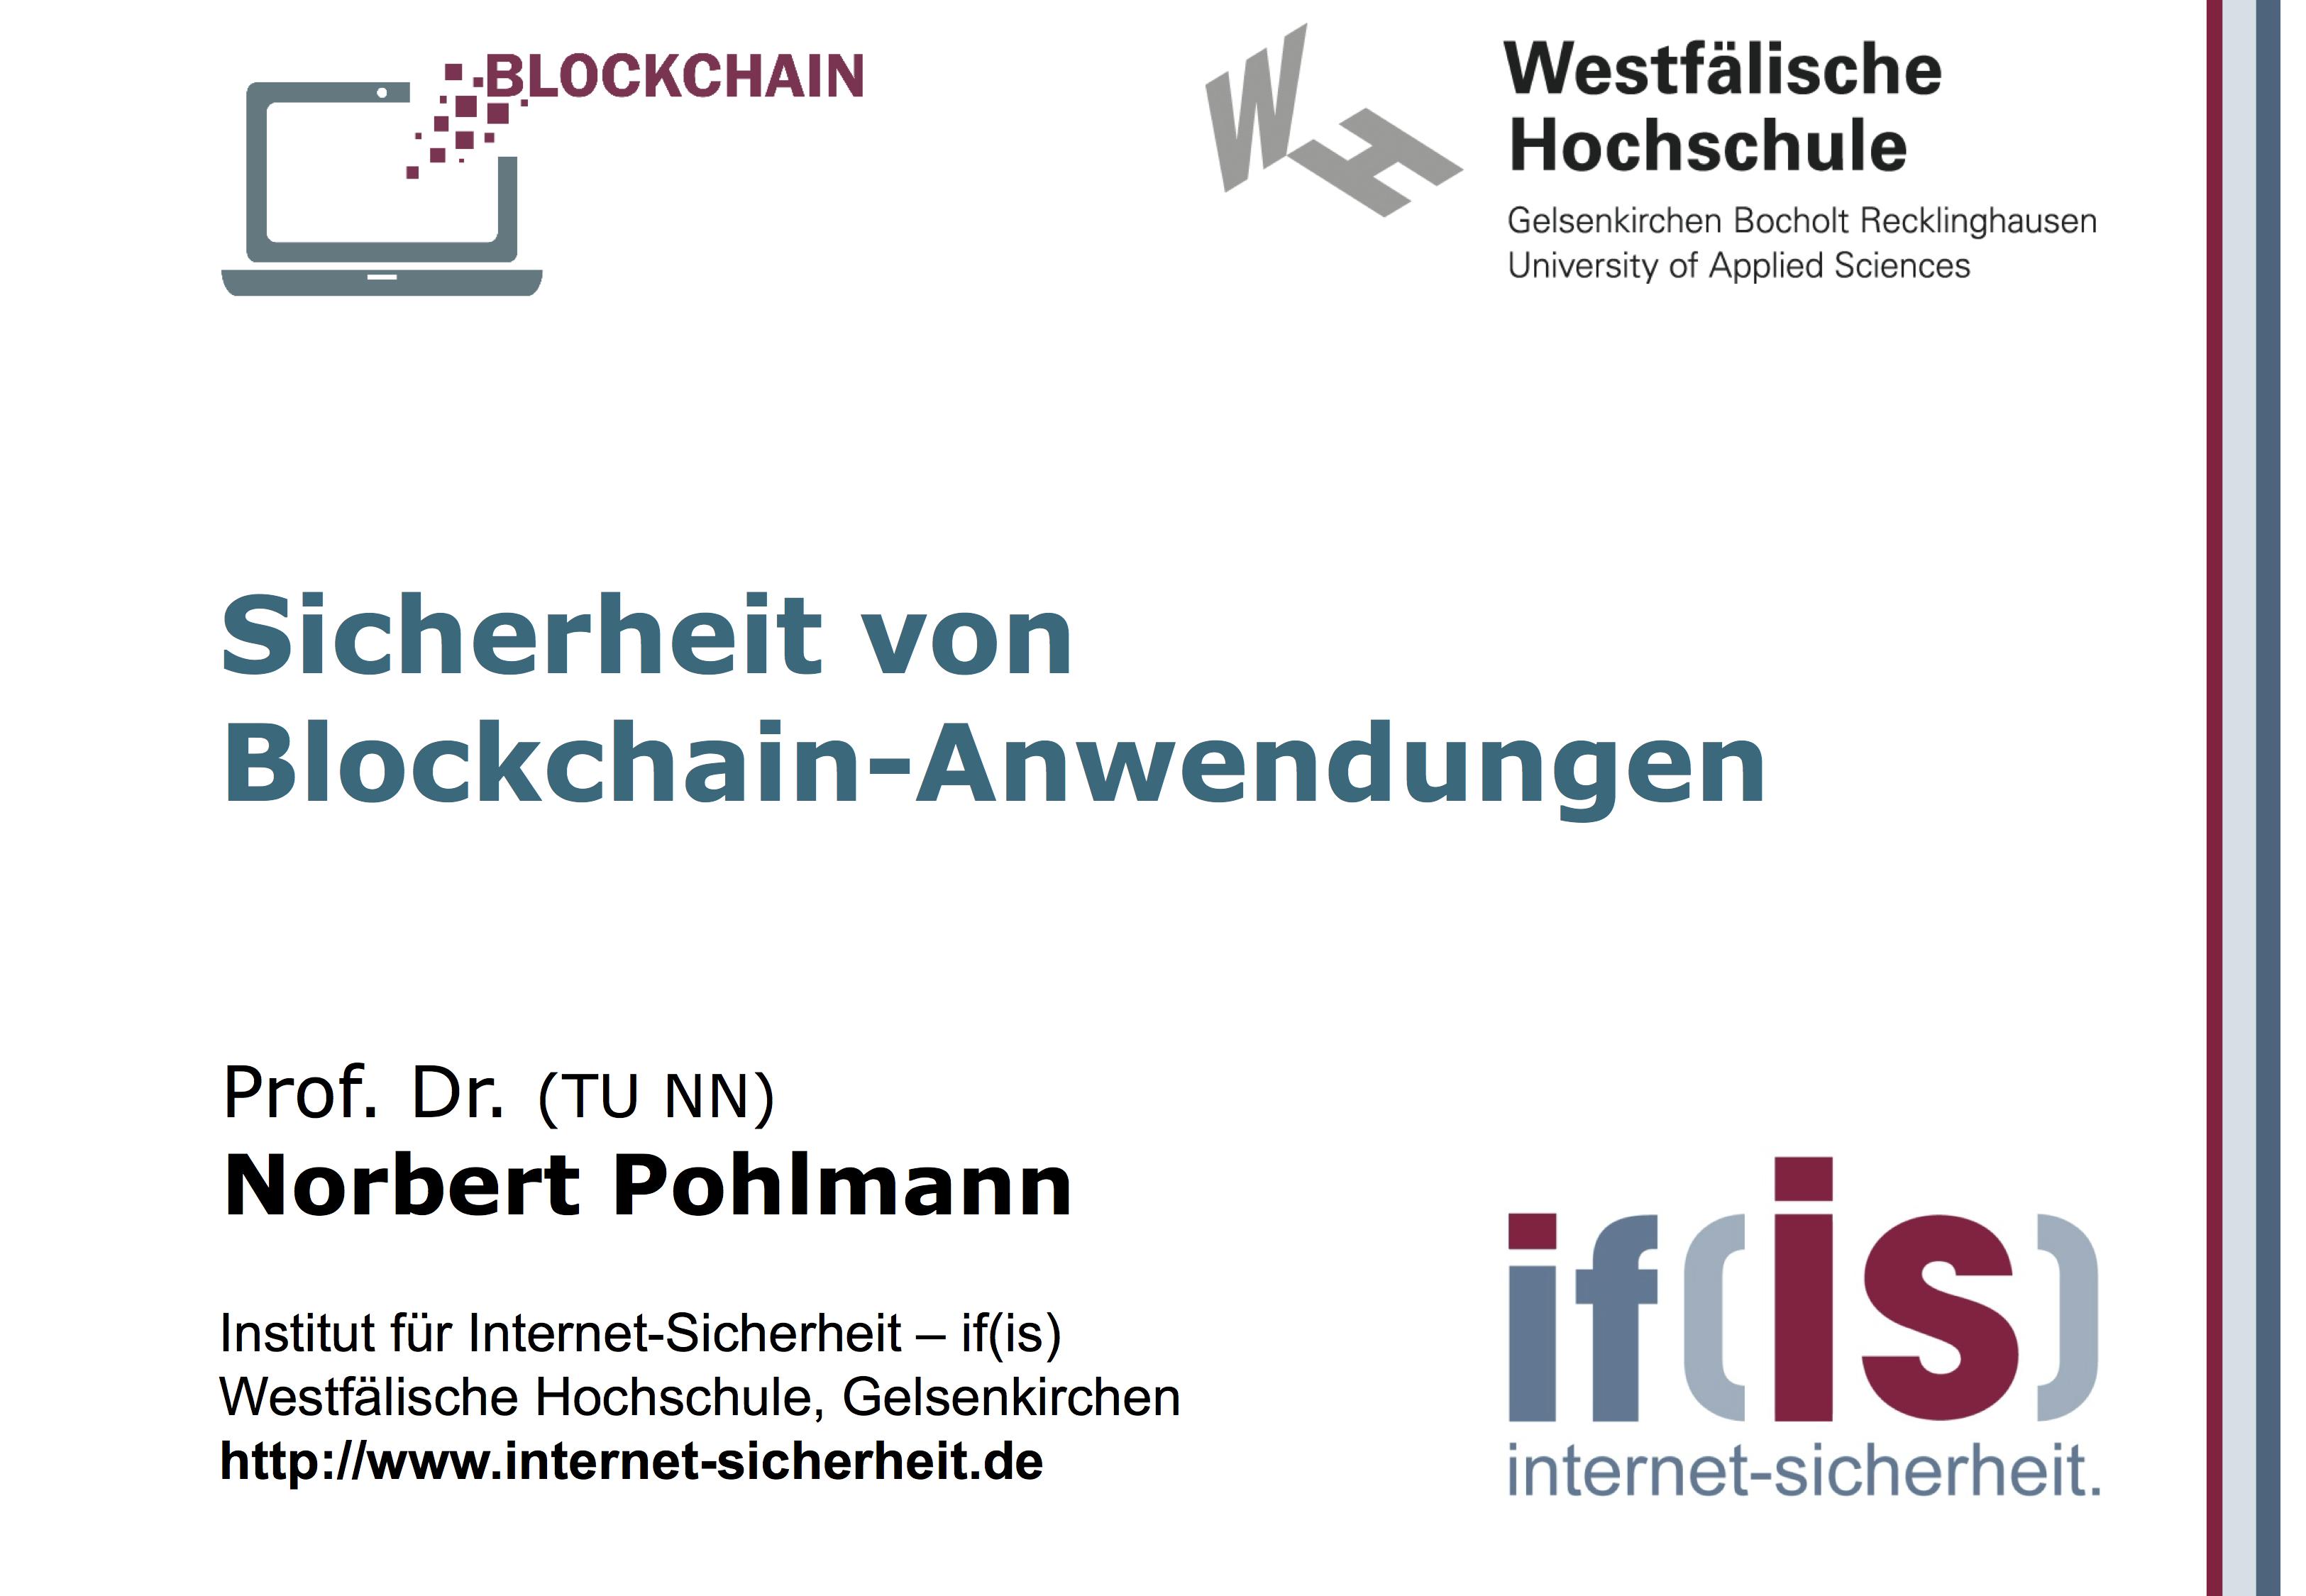 Präsentation: Sicherheit von Blockchain-Anwendungen